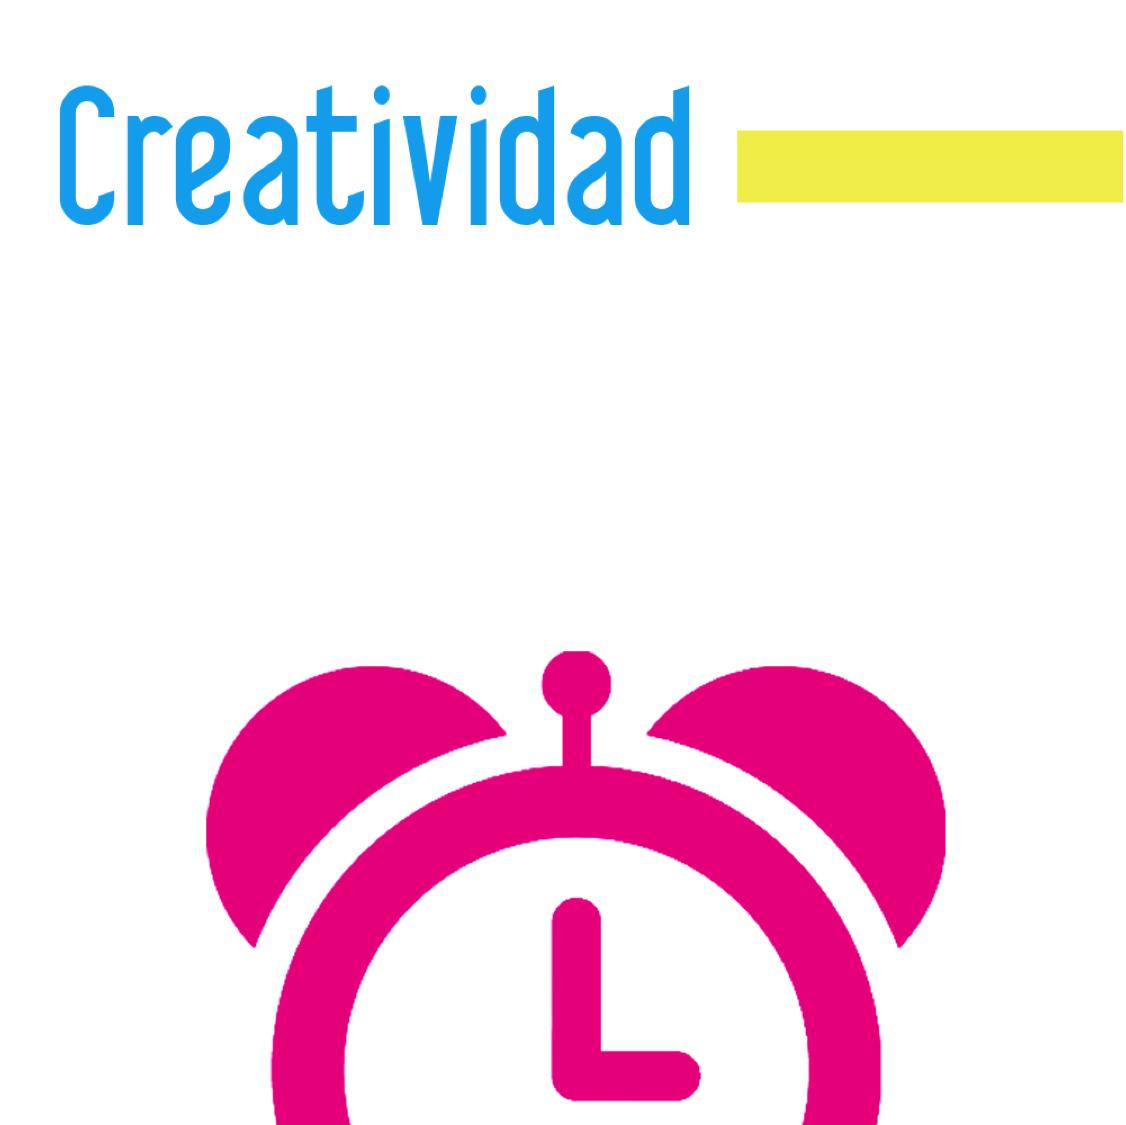 Creatividad - Idearemos - Ideando La Expresión - Redes sociales Panama - Agencia Social Media Panama - Agencia De Marketing Panamá